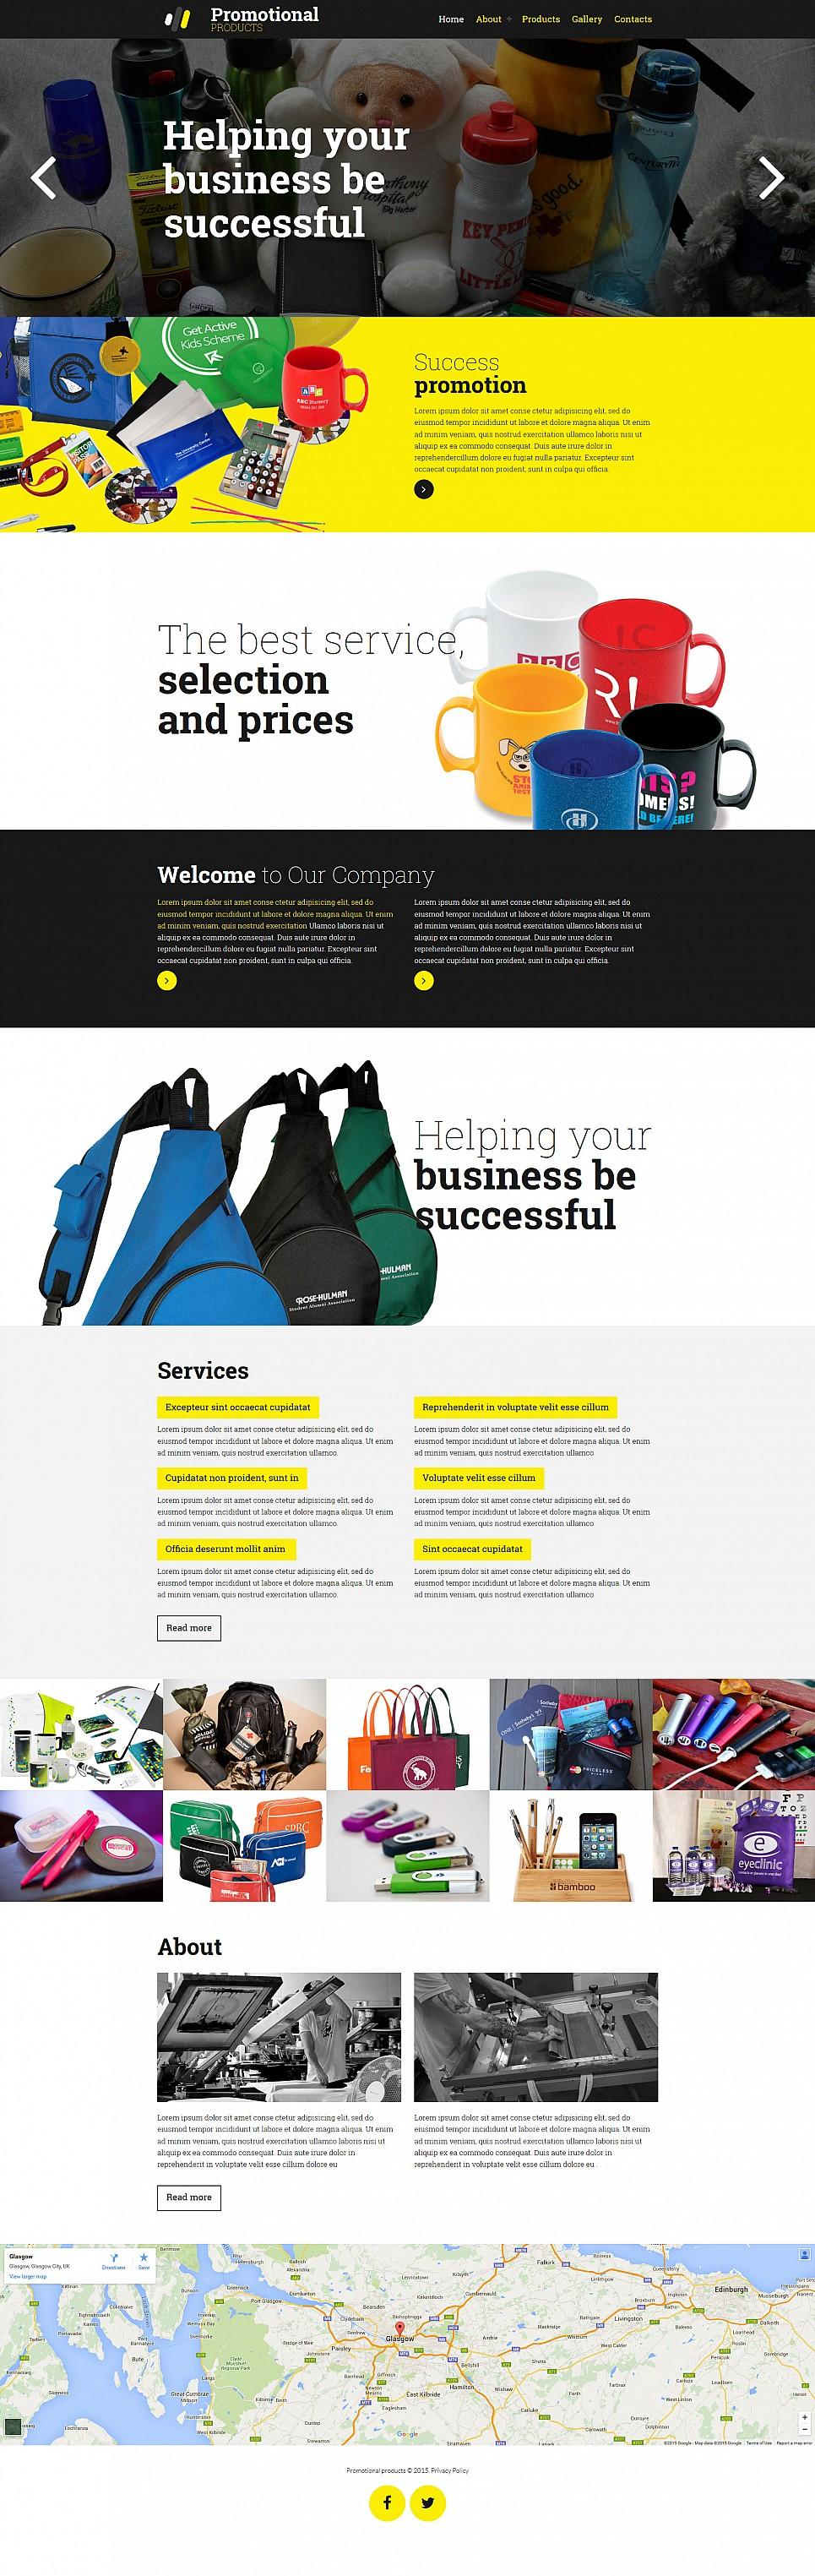 print shop website builder responsive moto cms 3 template 55540. Black Bedroom Furniture Sets. Home Design Ideas